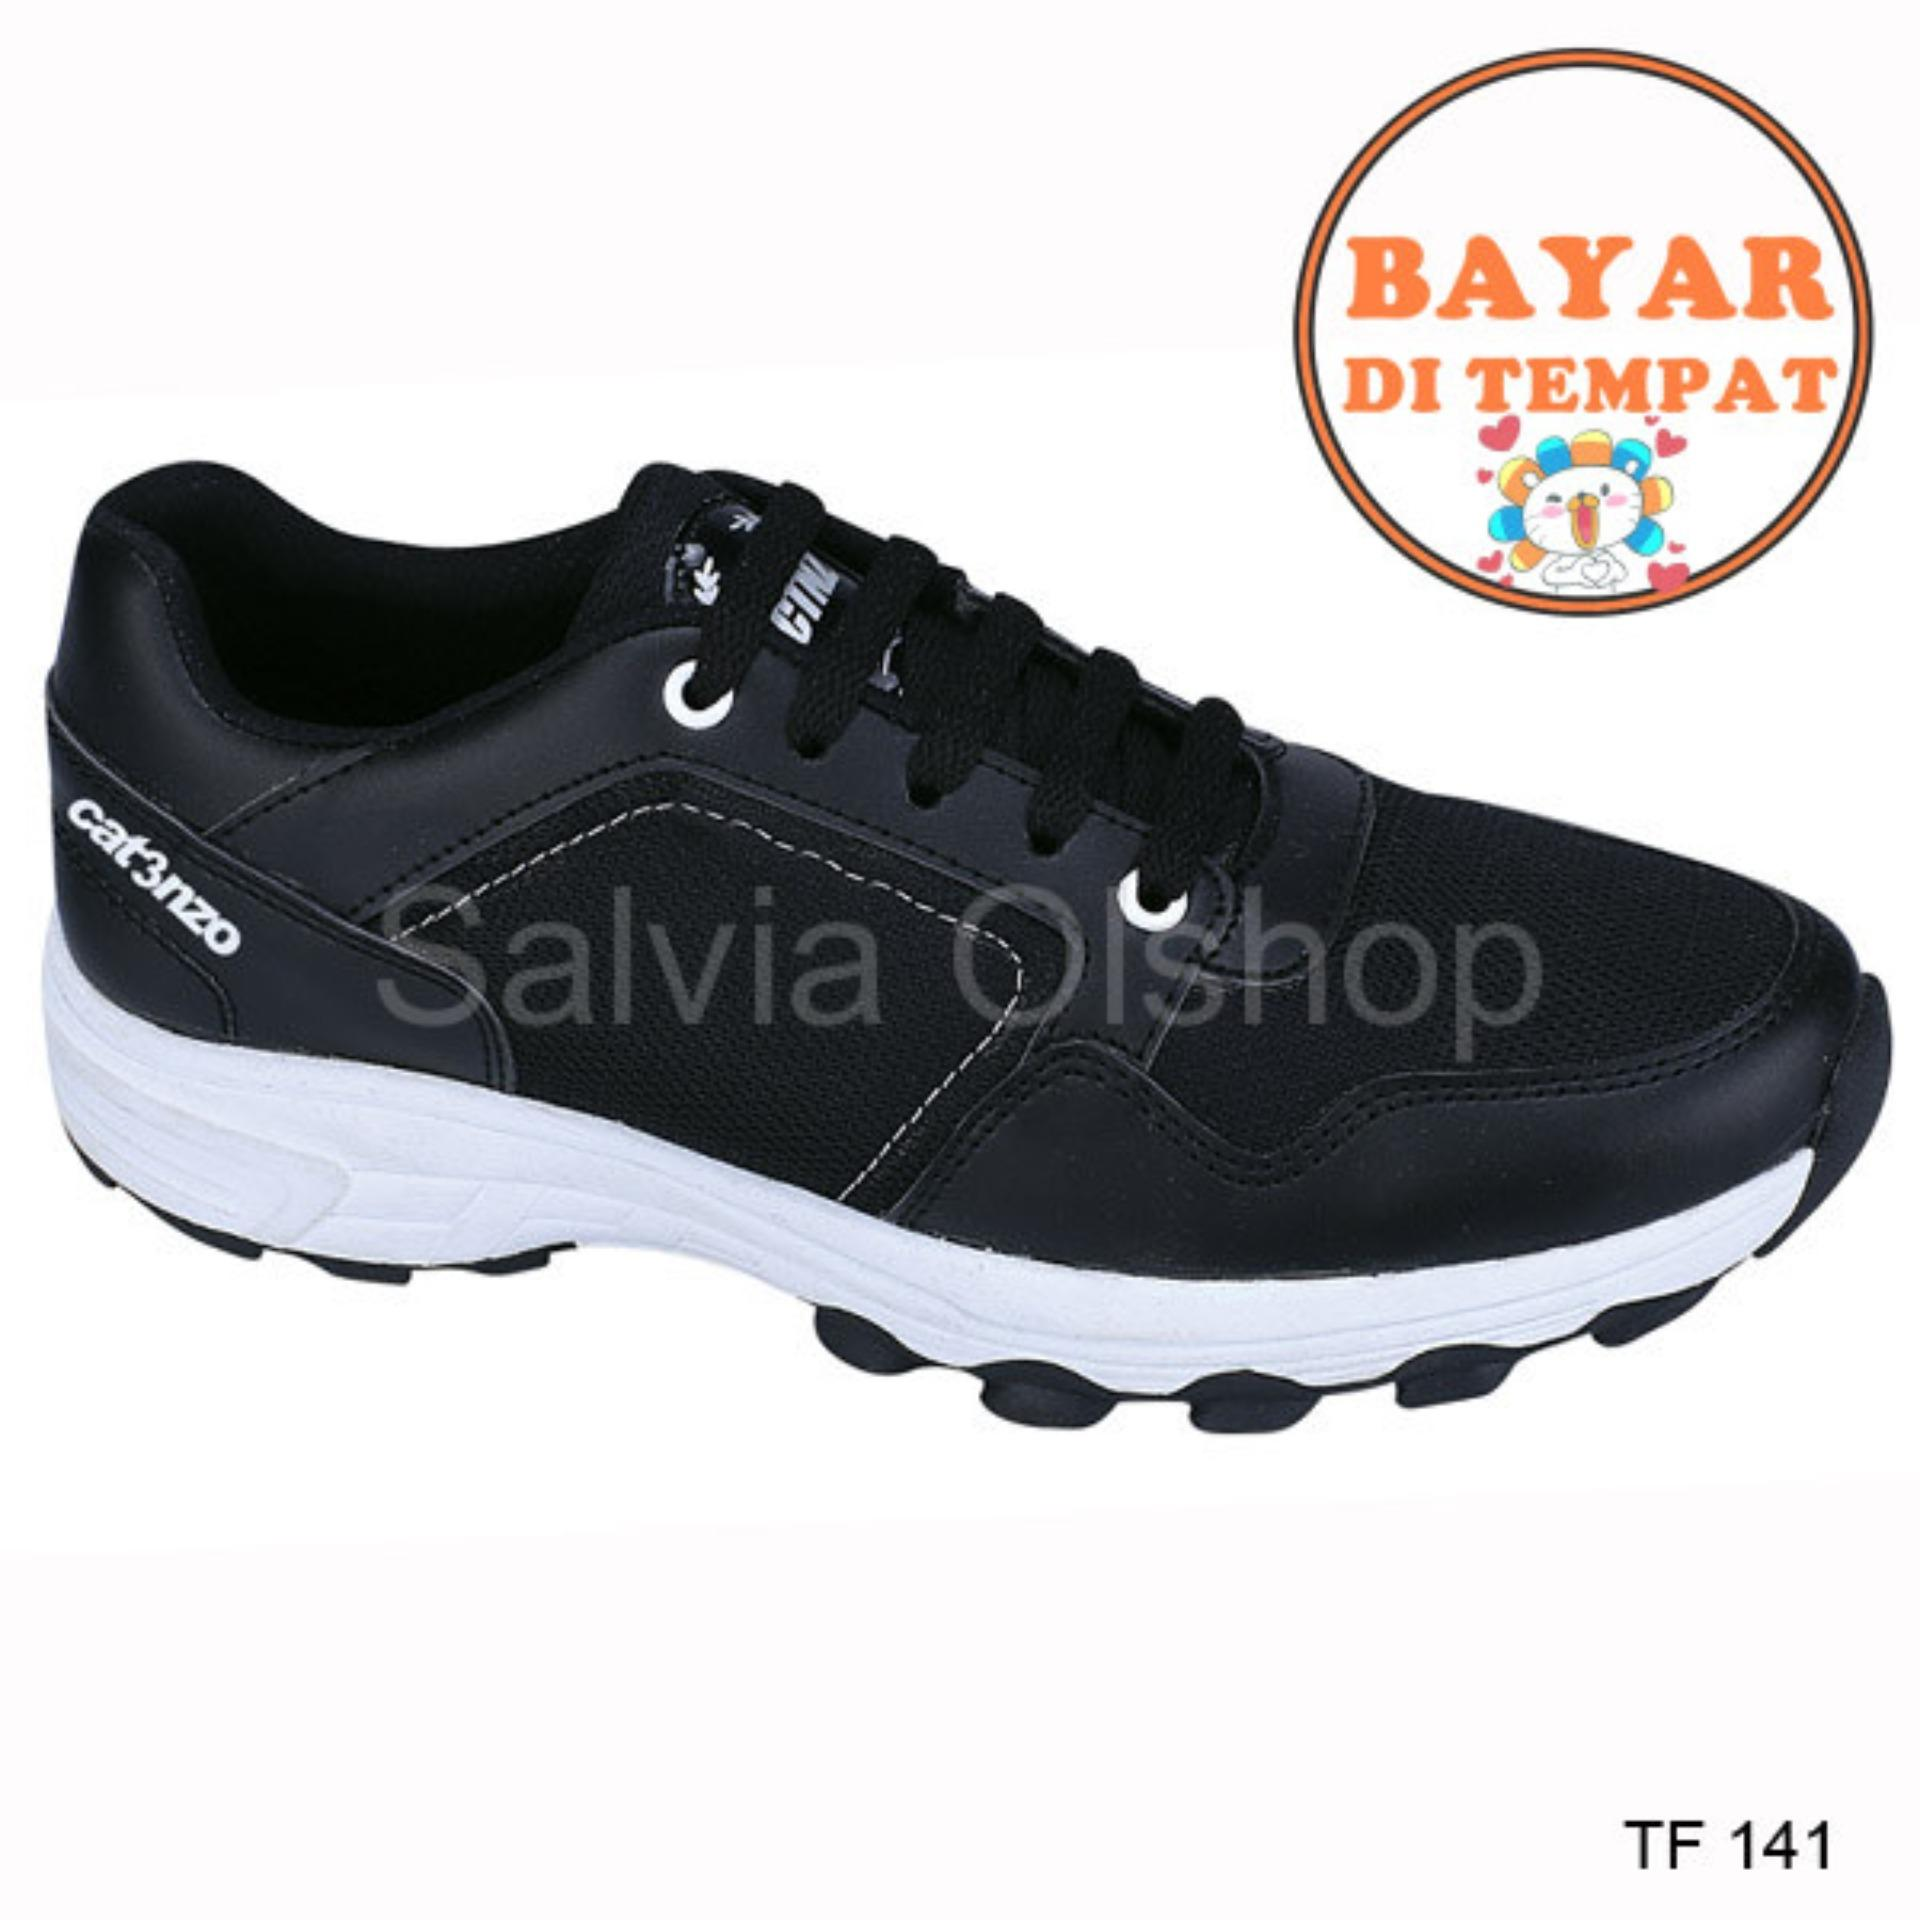 Fitur Catenzo Sepatu Sport Lari Pria Keren Dan Modis Tf 141 Hitam ... 758951422c